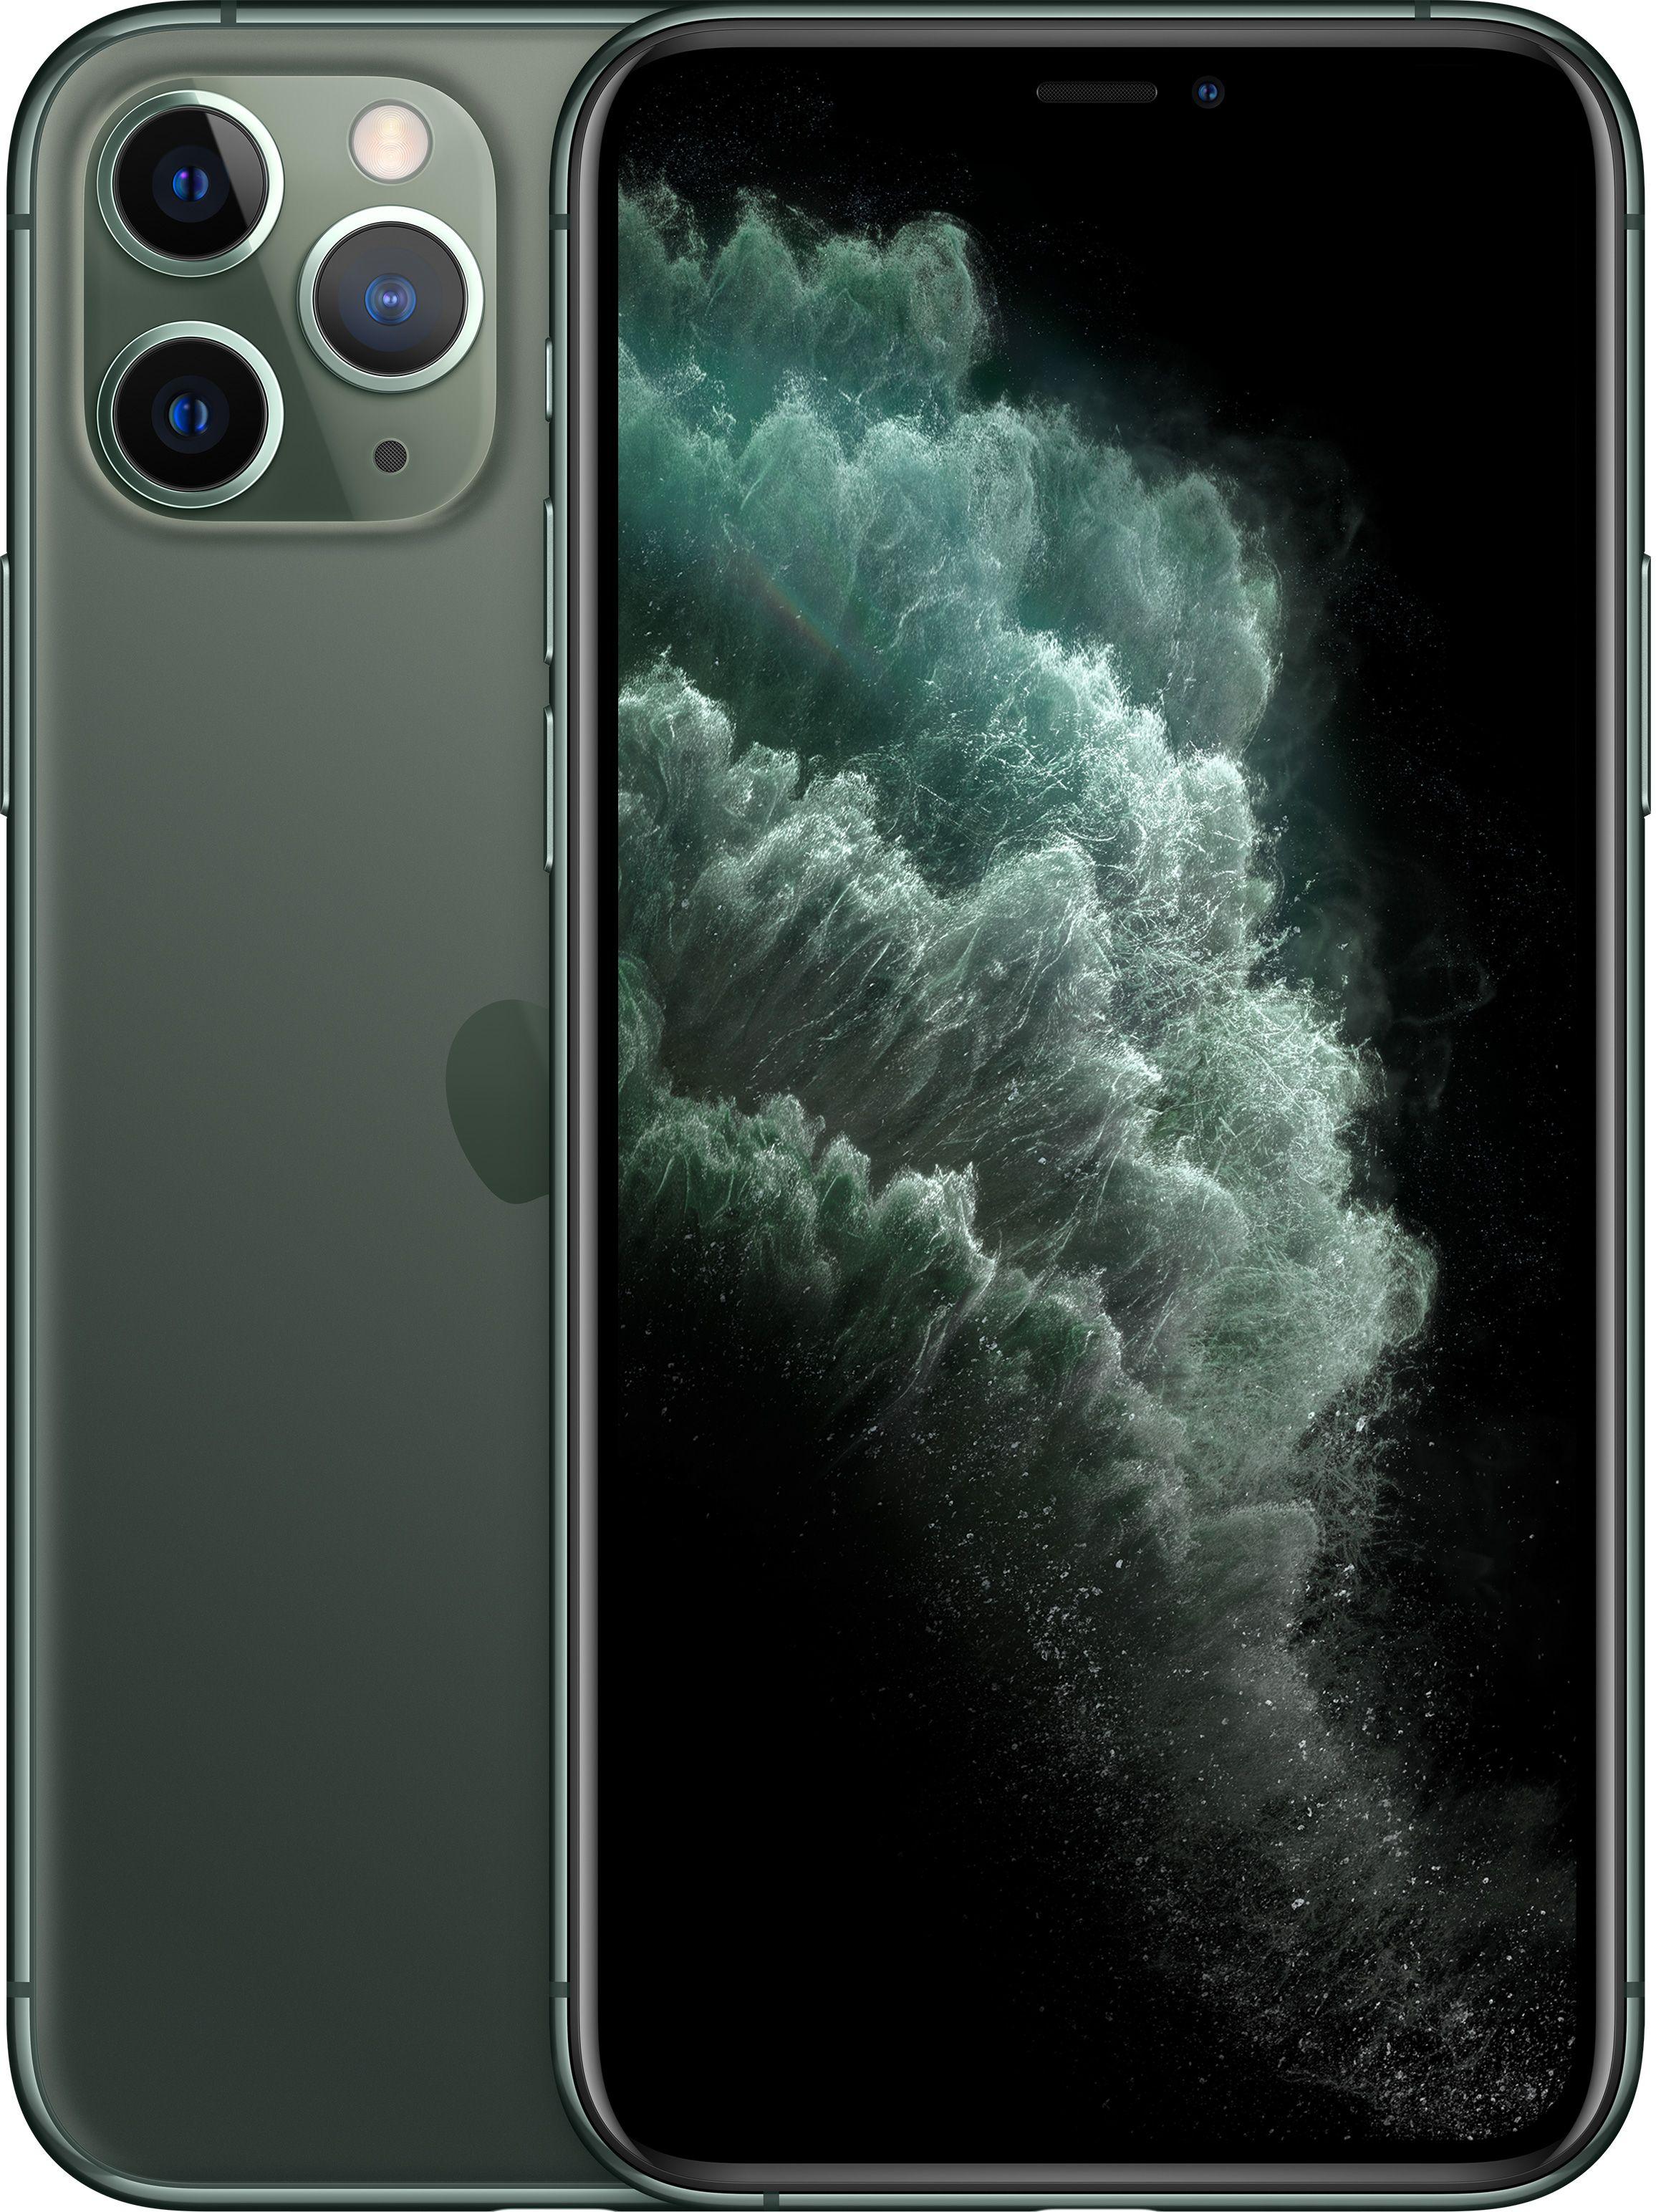 Мобильный телефон Apple iPhone 11 Pro Max 512GB (темно-зеленый) фото